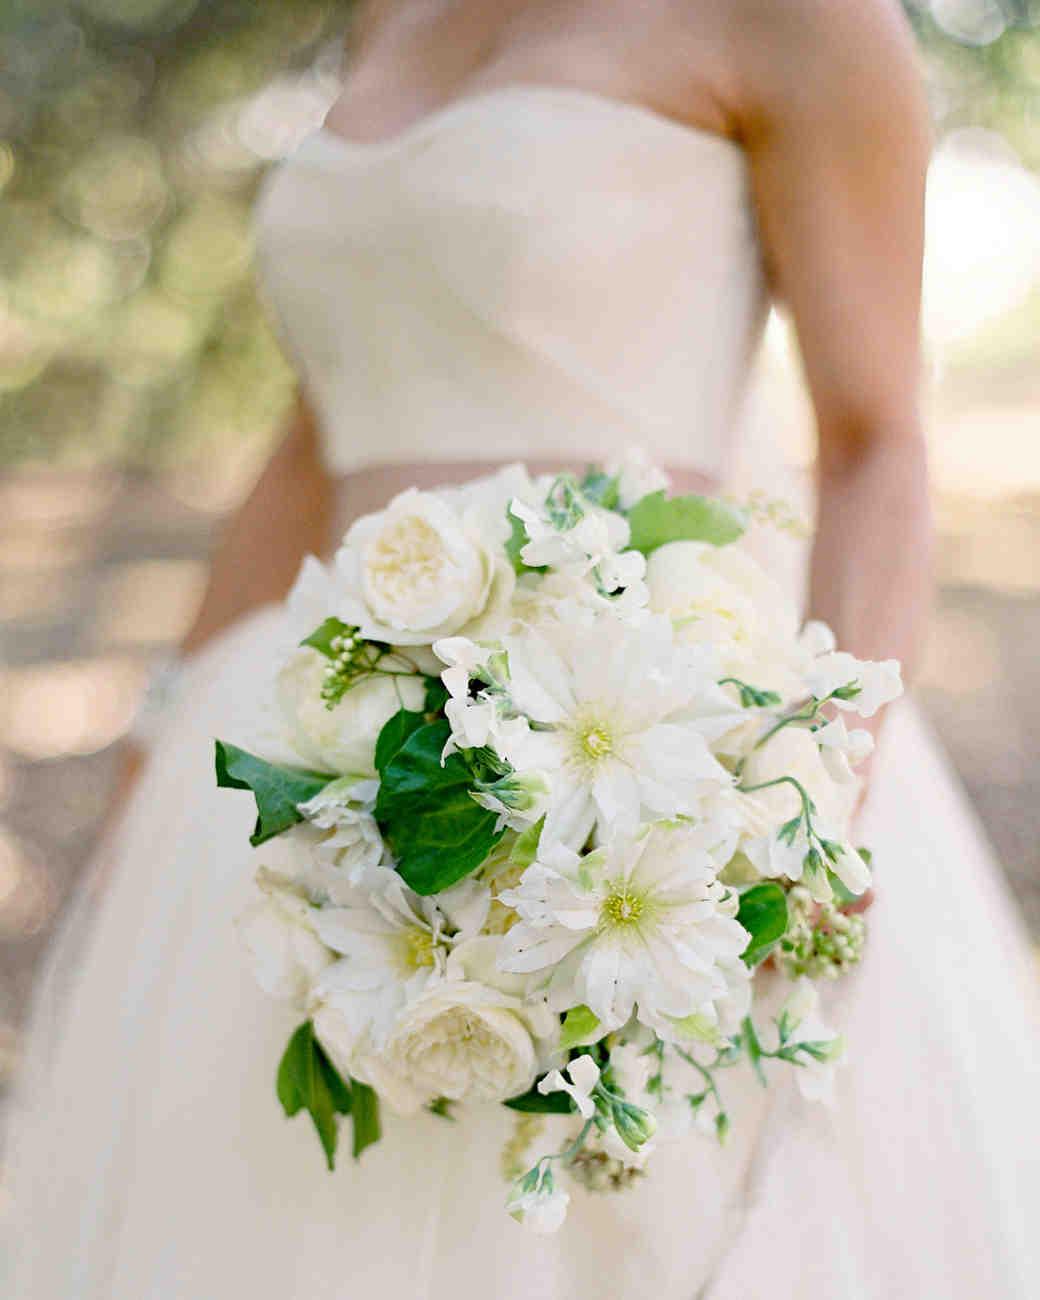 marilyn-harold-bouquet-008860-015-wds109987.jpg